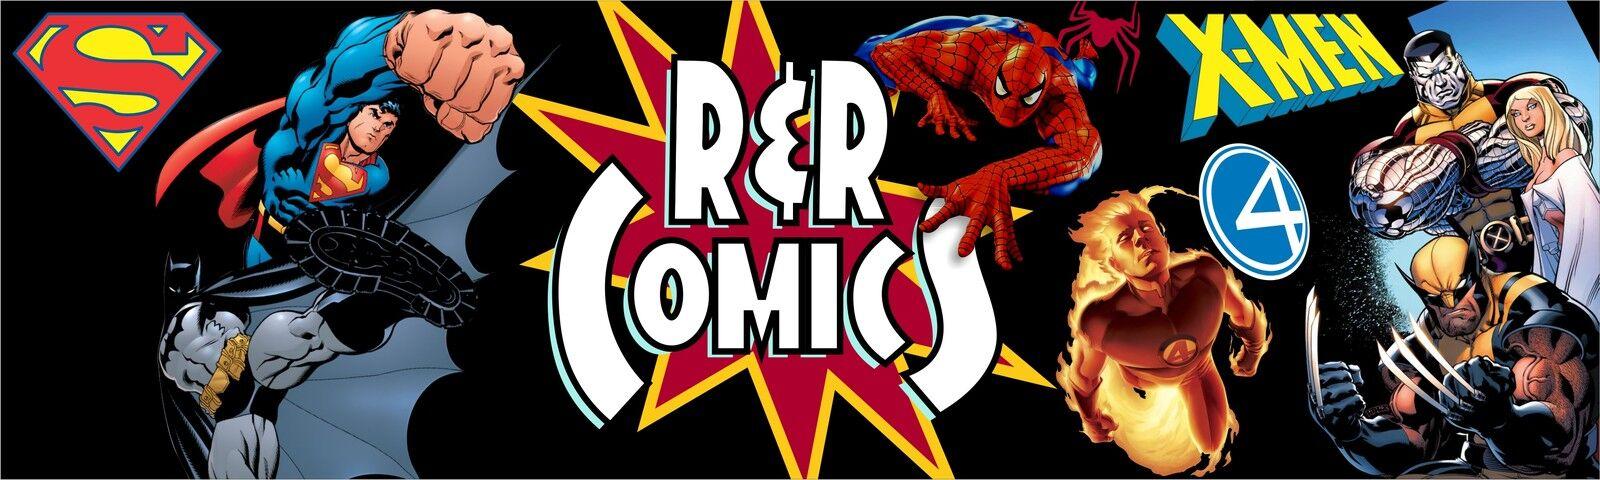 Rick&Robin Comics